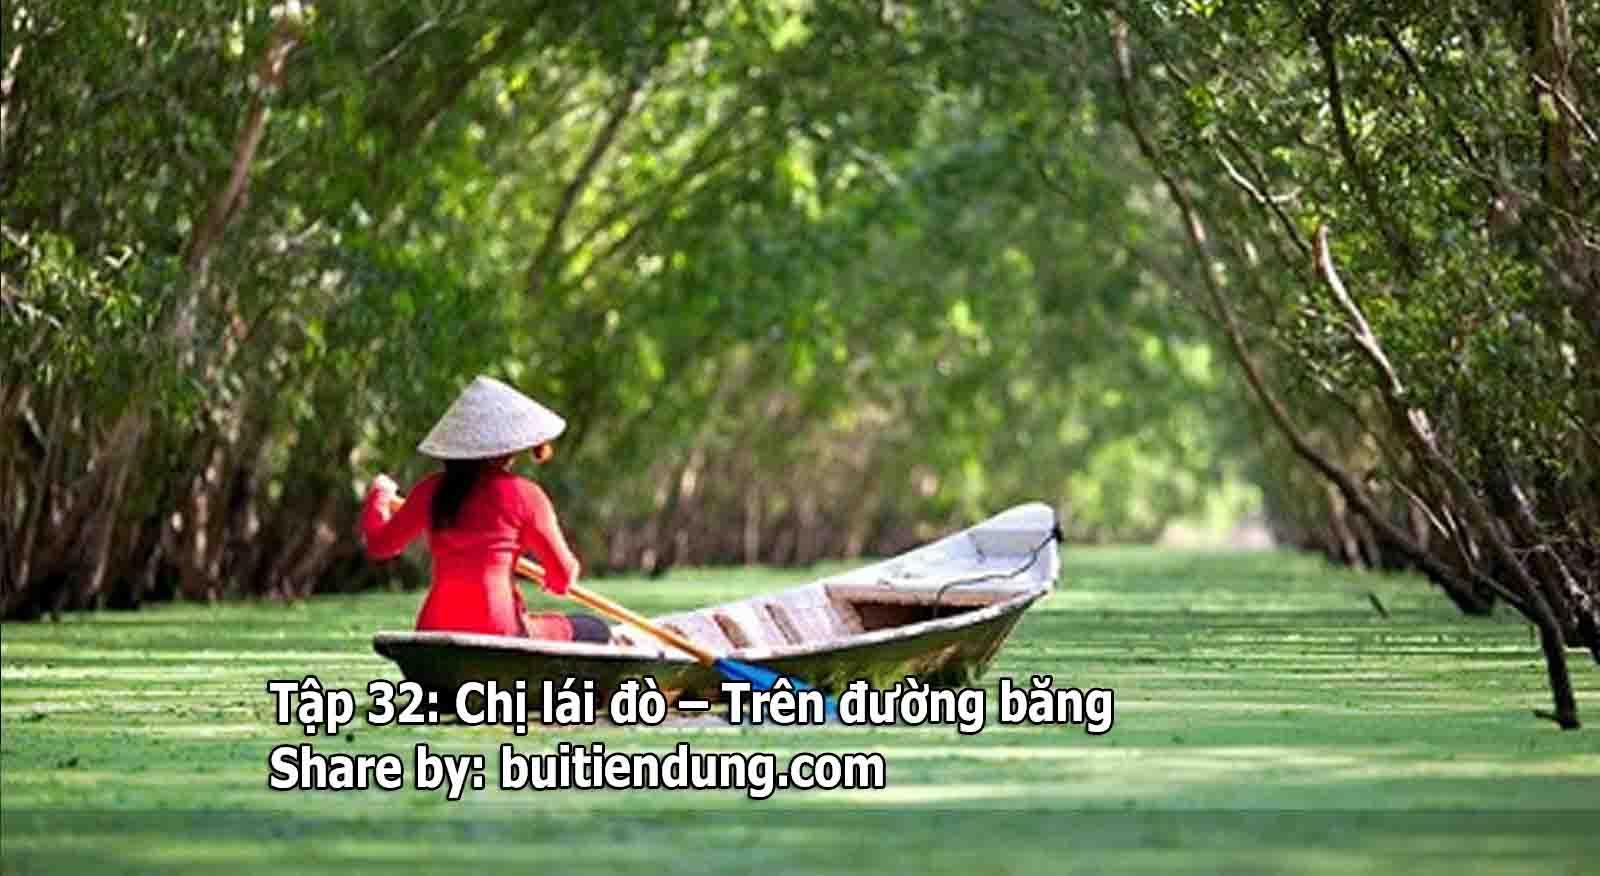 tap-32-chi-lai-do-tren-duong-bang-tony-buoi-sang